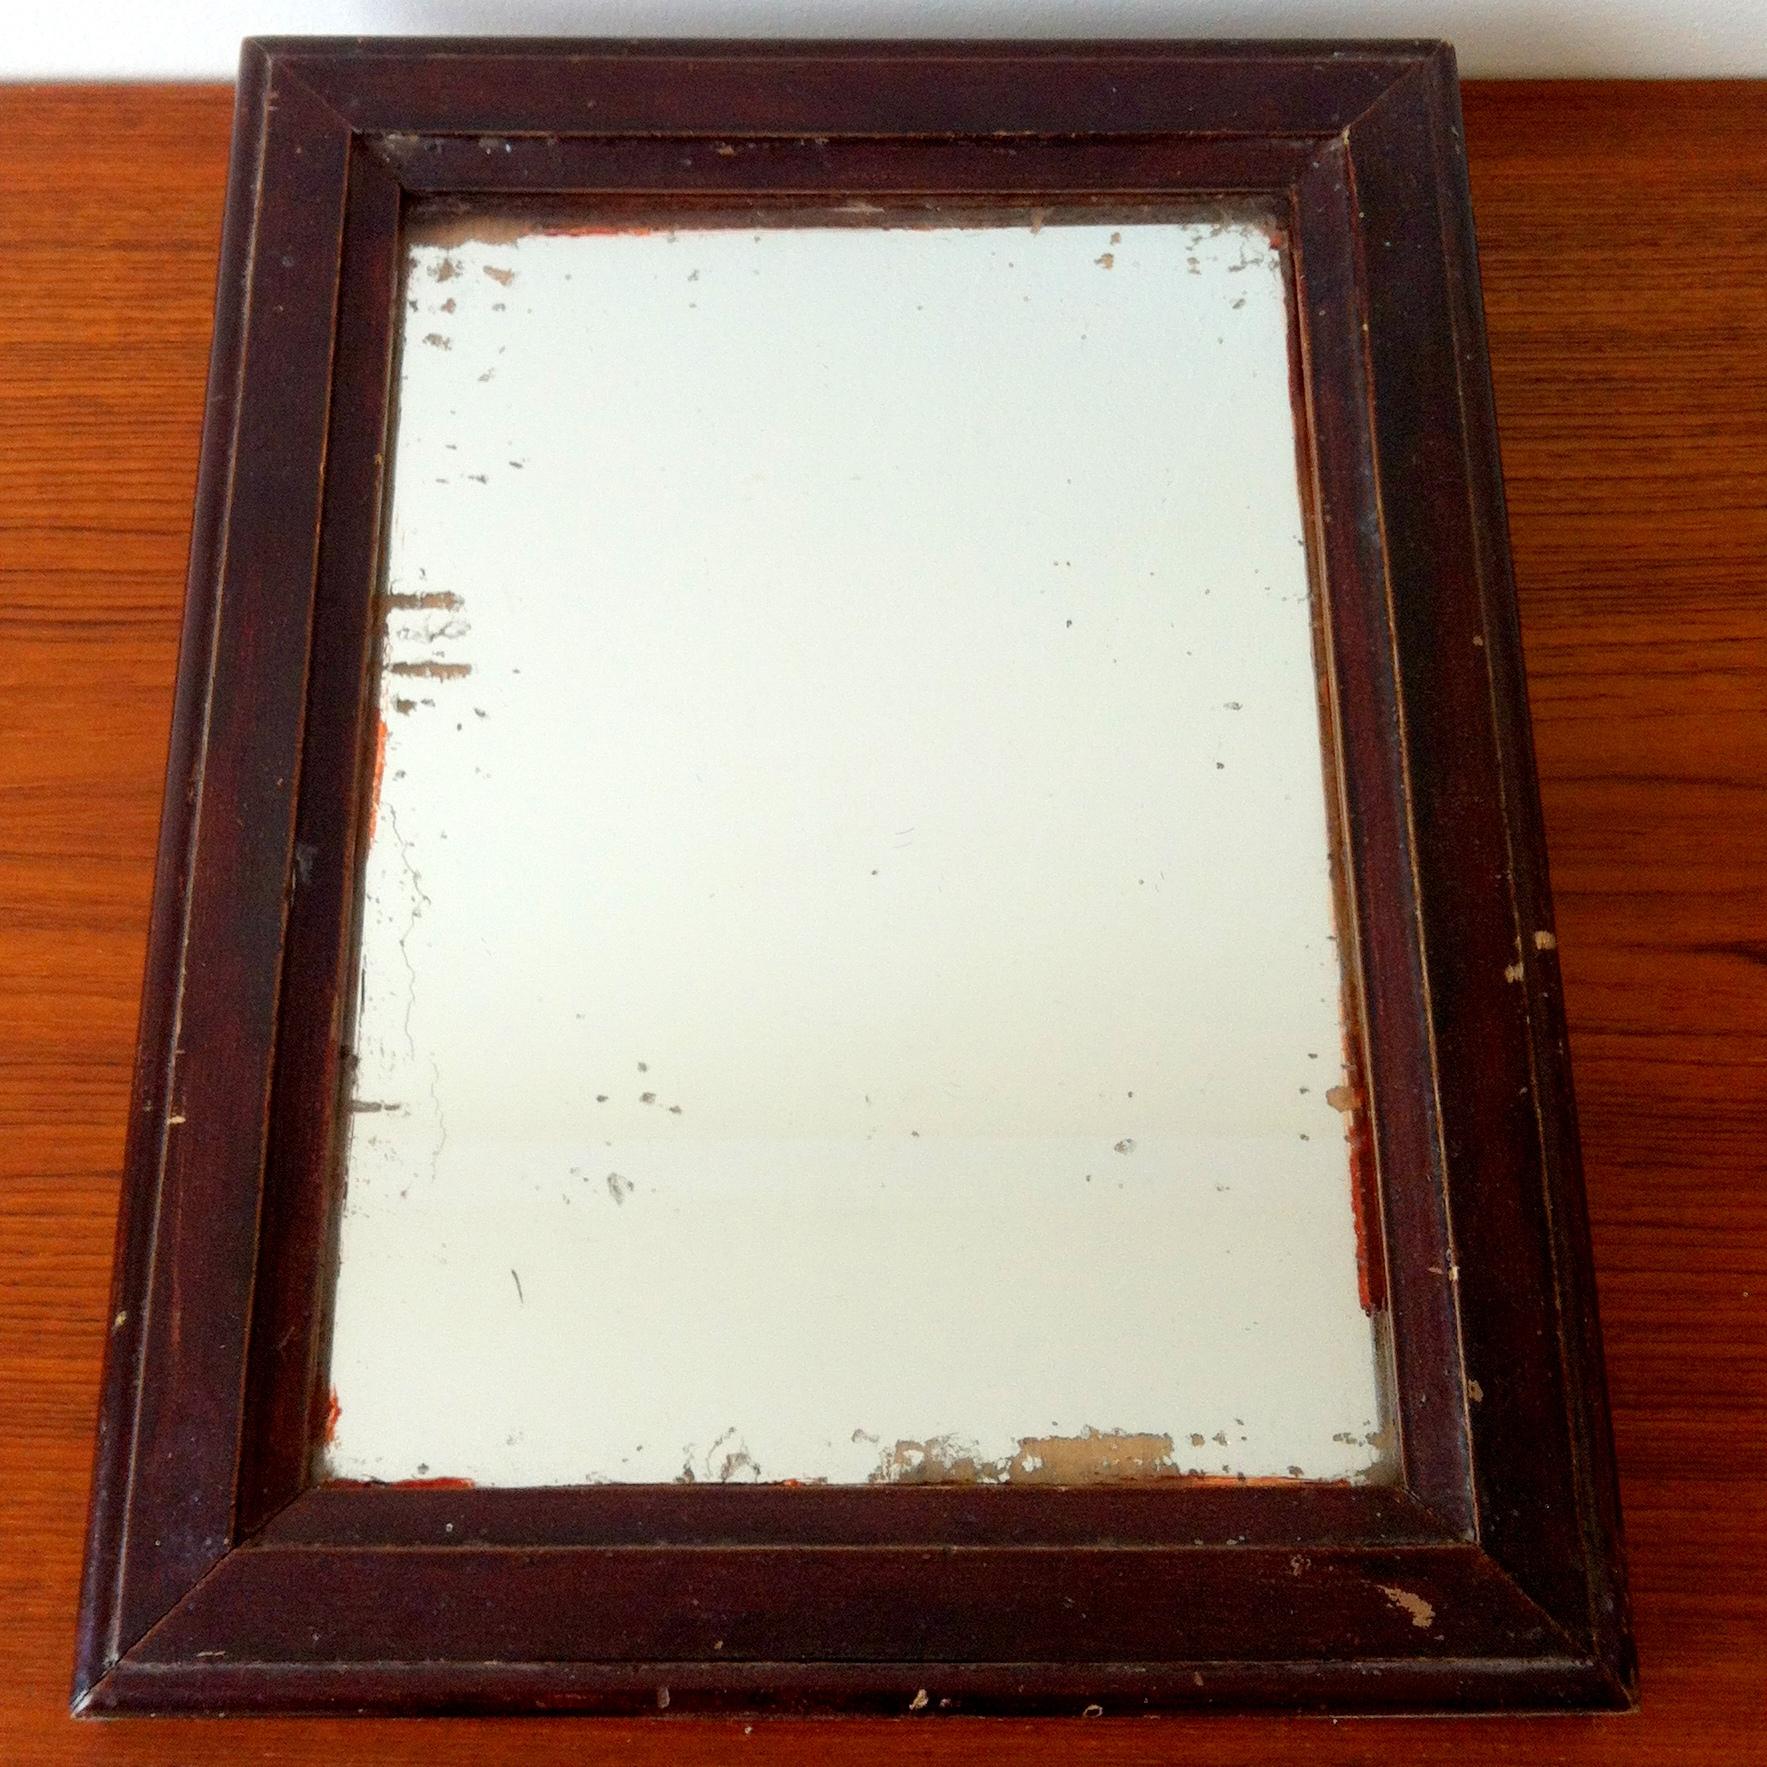 Miroir moulur bois peint xxe antiquites de maguelone for Miroir moulure